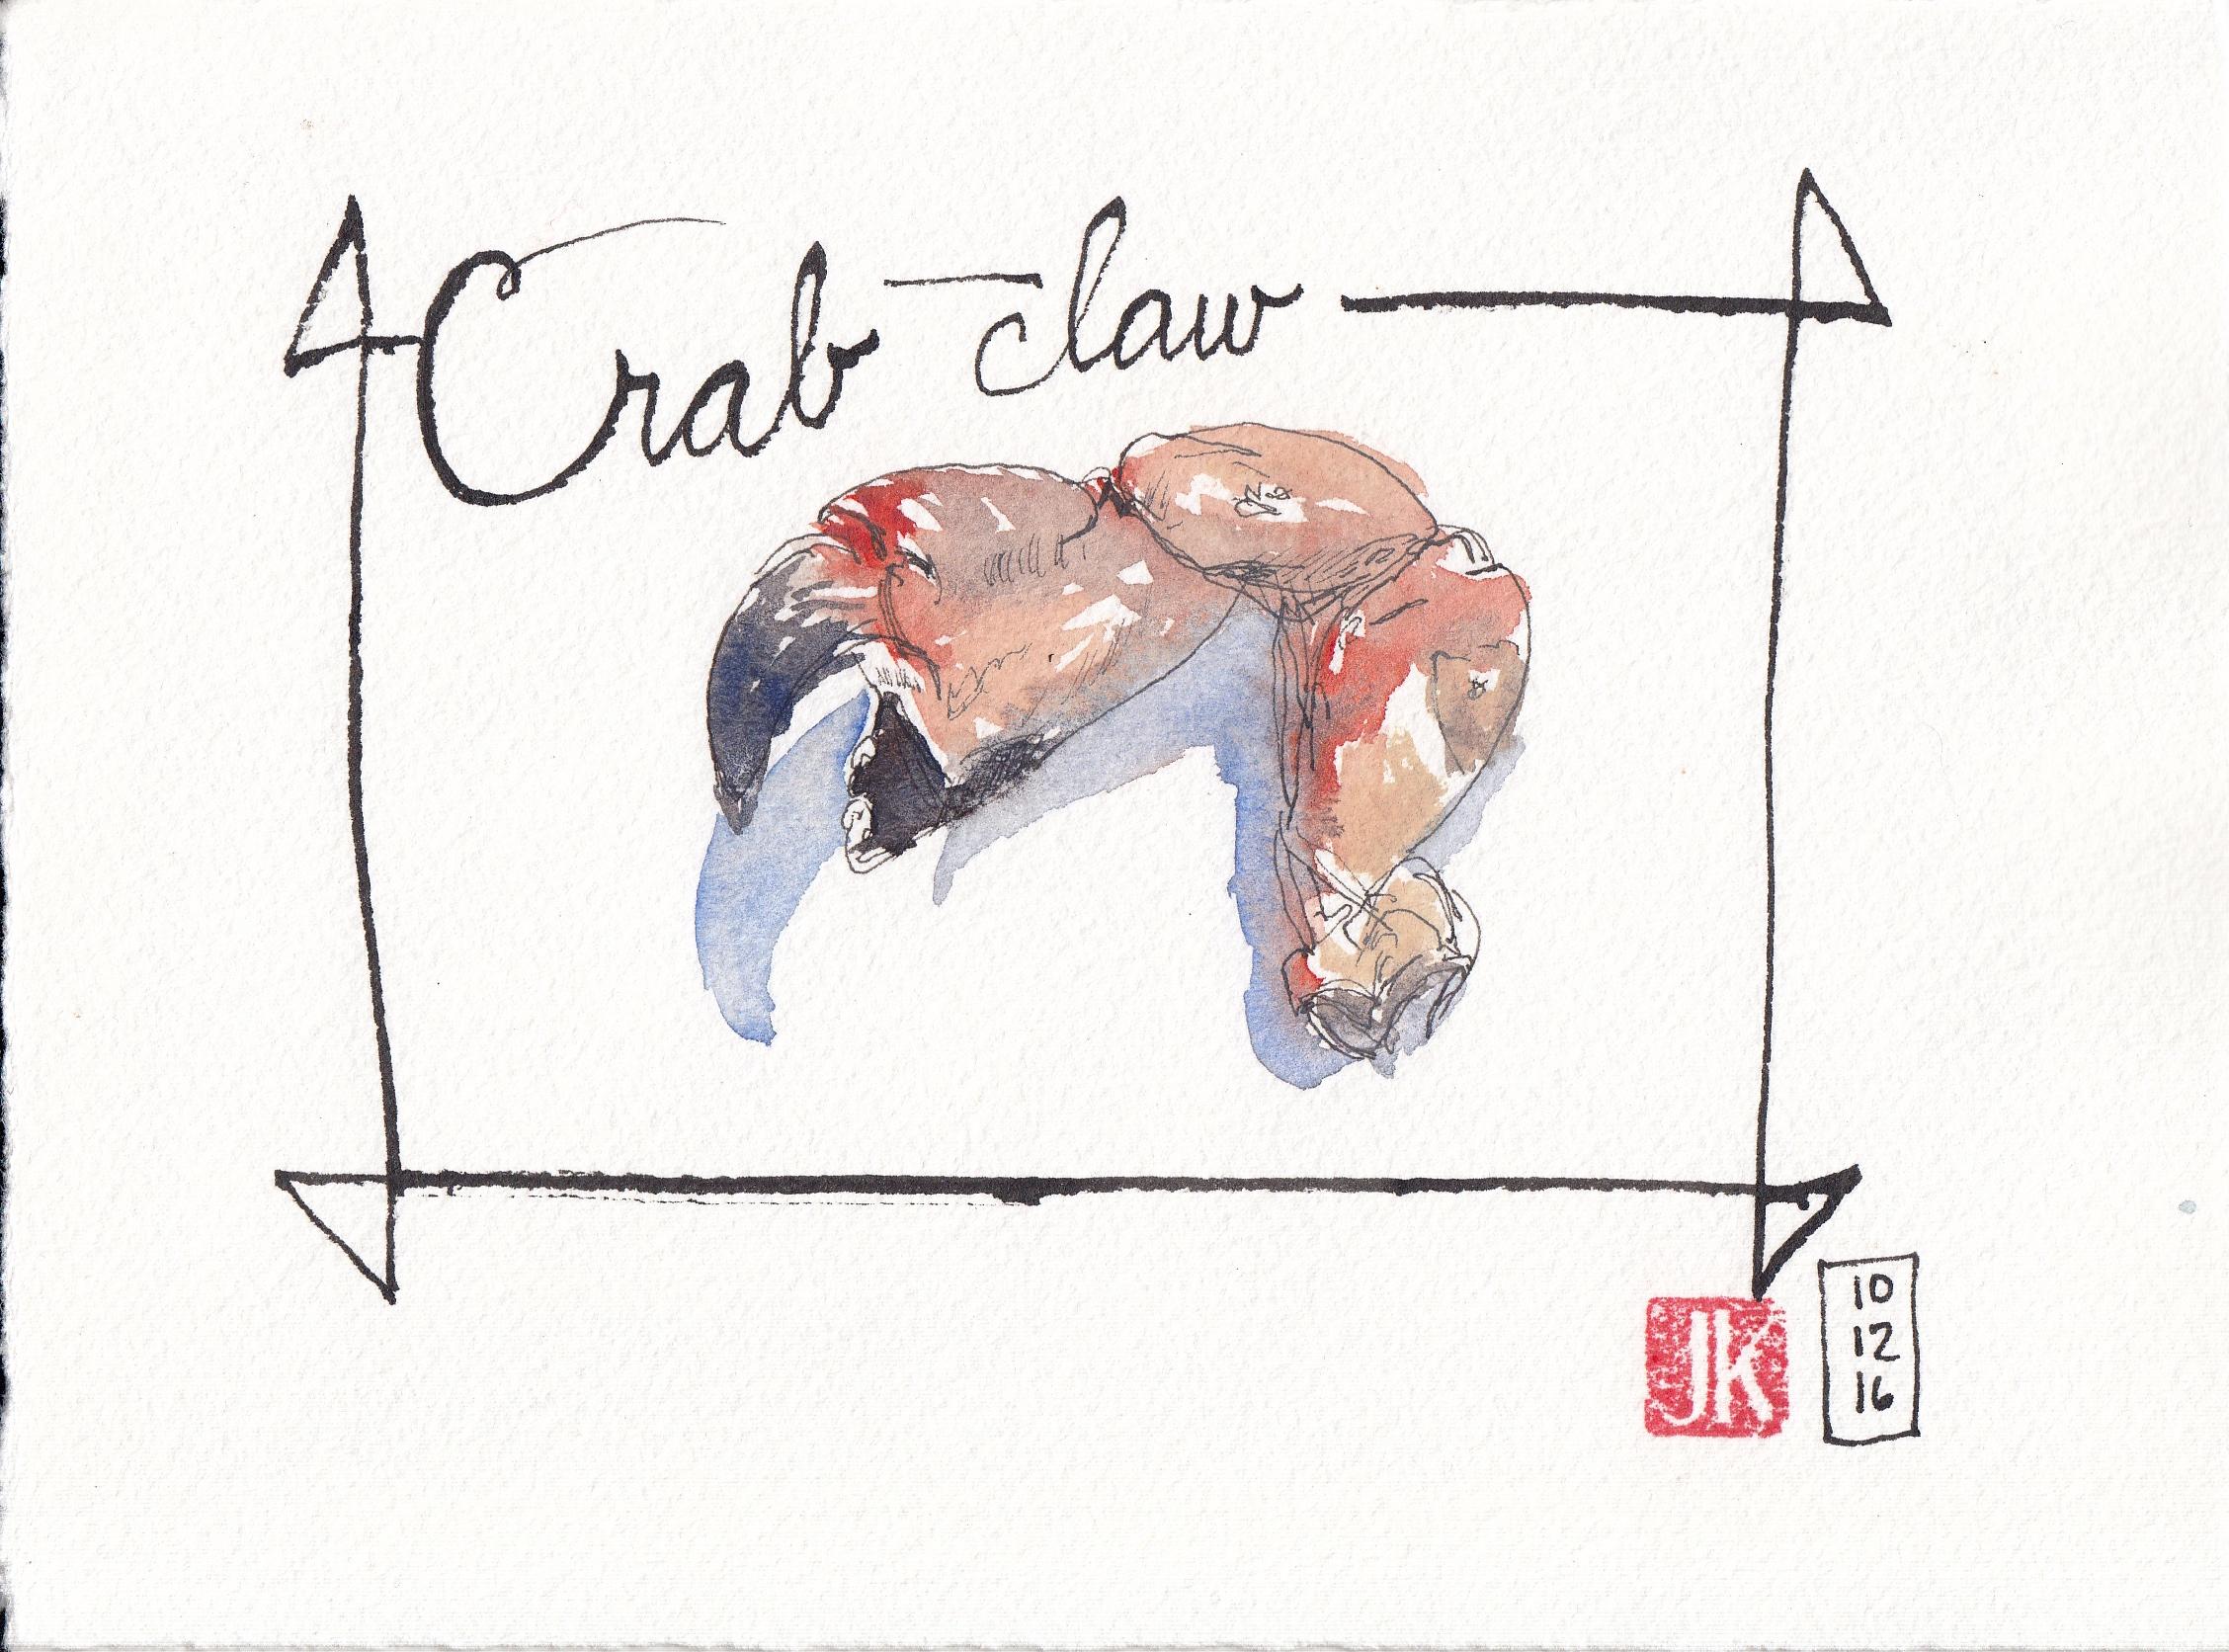 A crab claw found near the beach